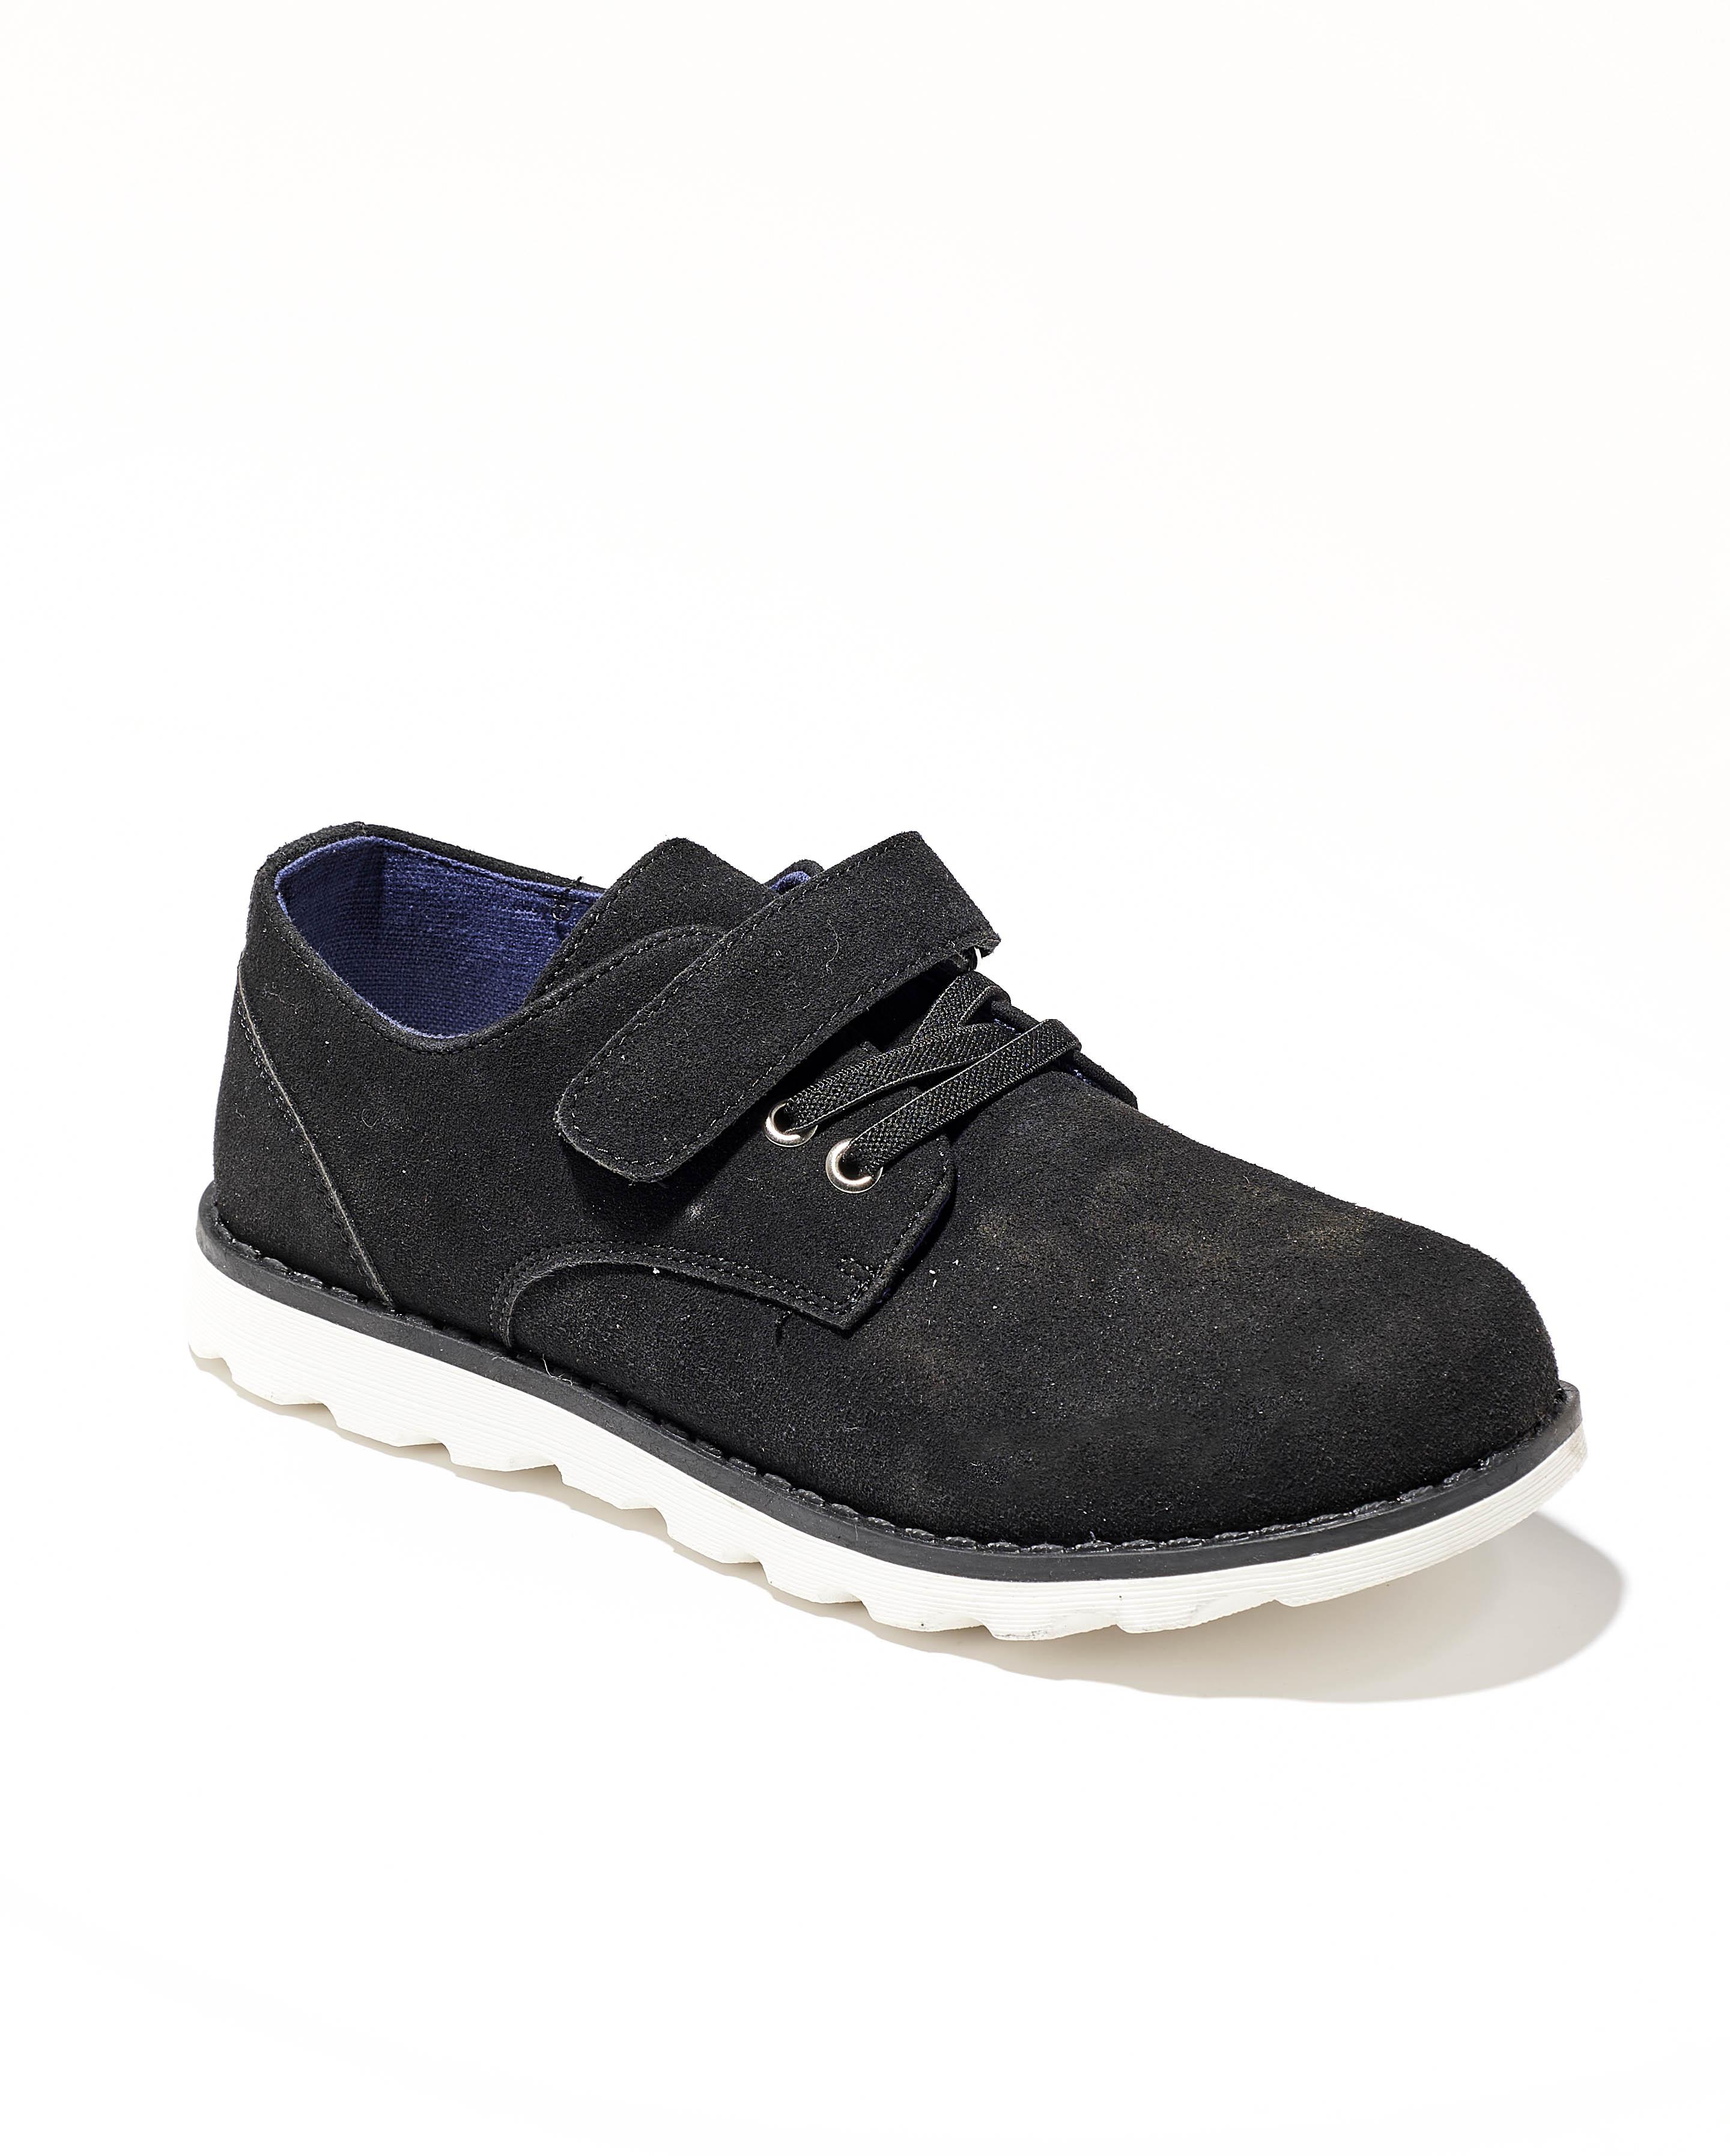 Chaussures De Ville Garçon - Ville Noir Jina - Rl-Ky-01